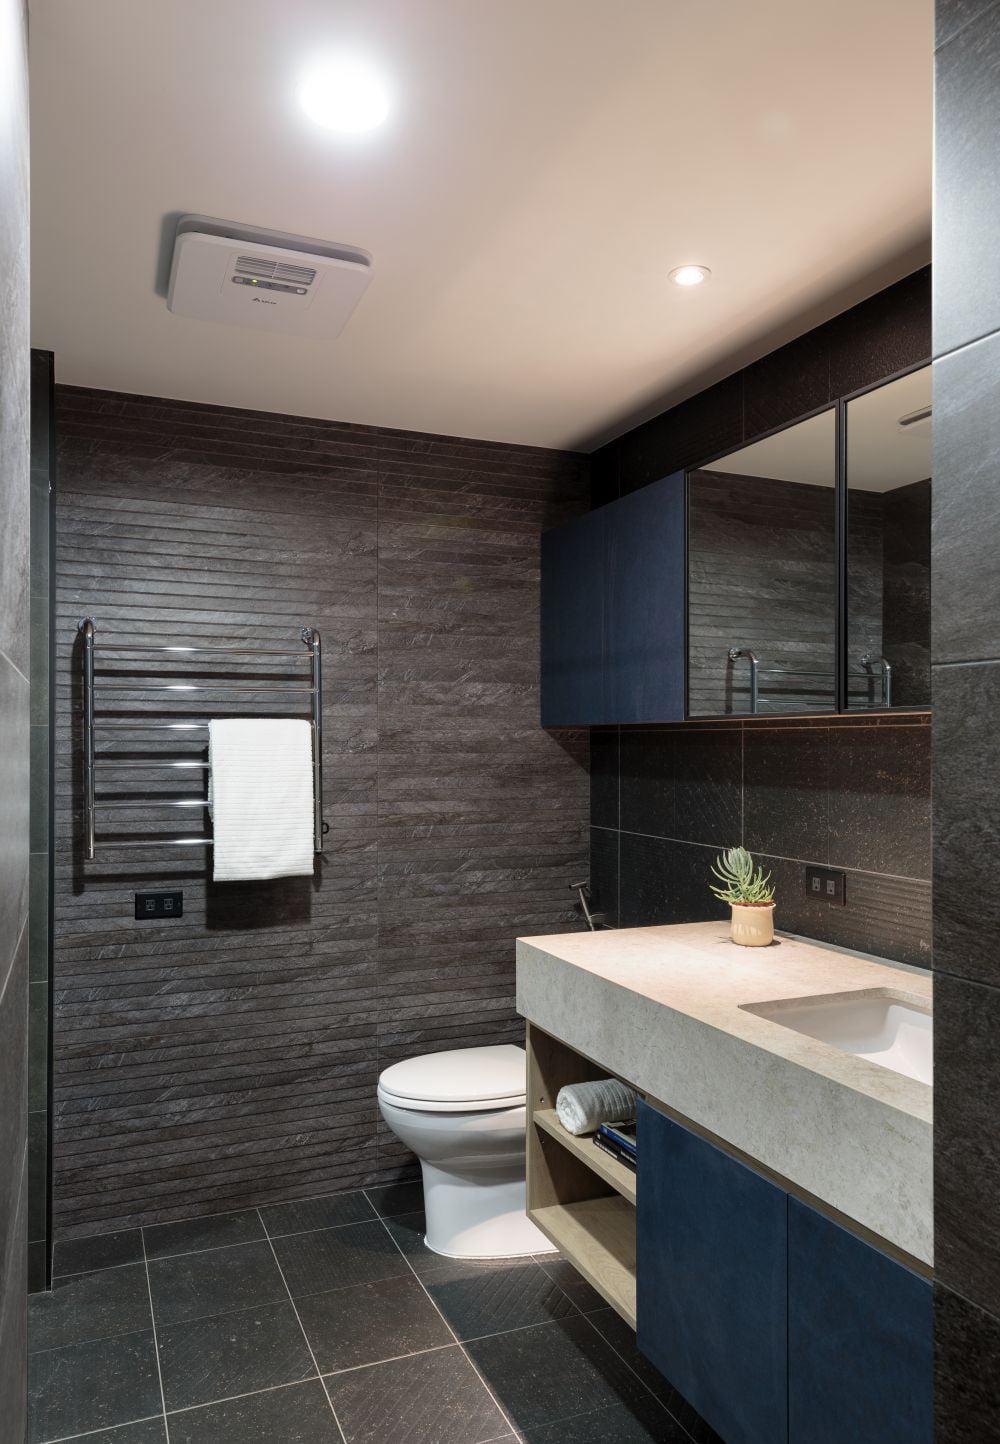 藍與黑浴室櫃,展現理性與陽剛美